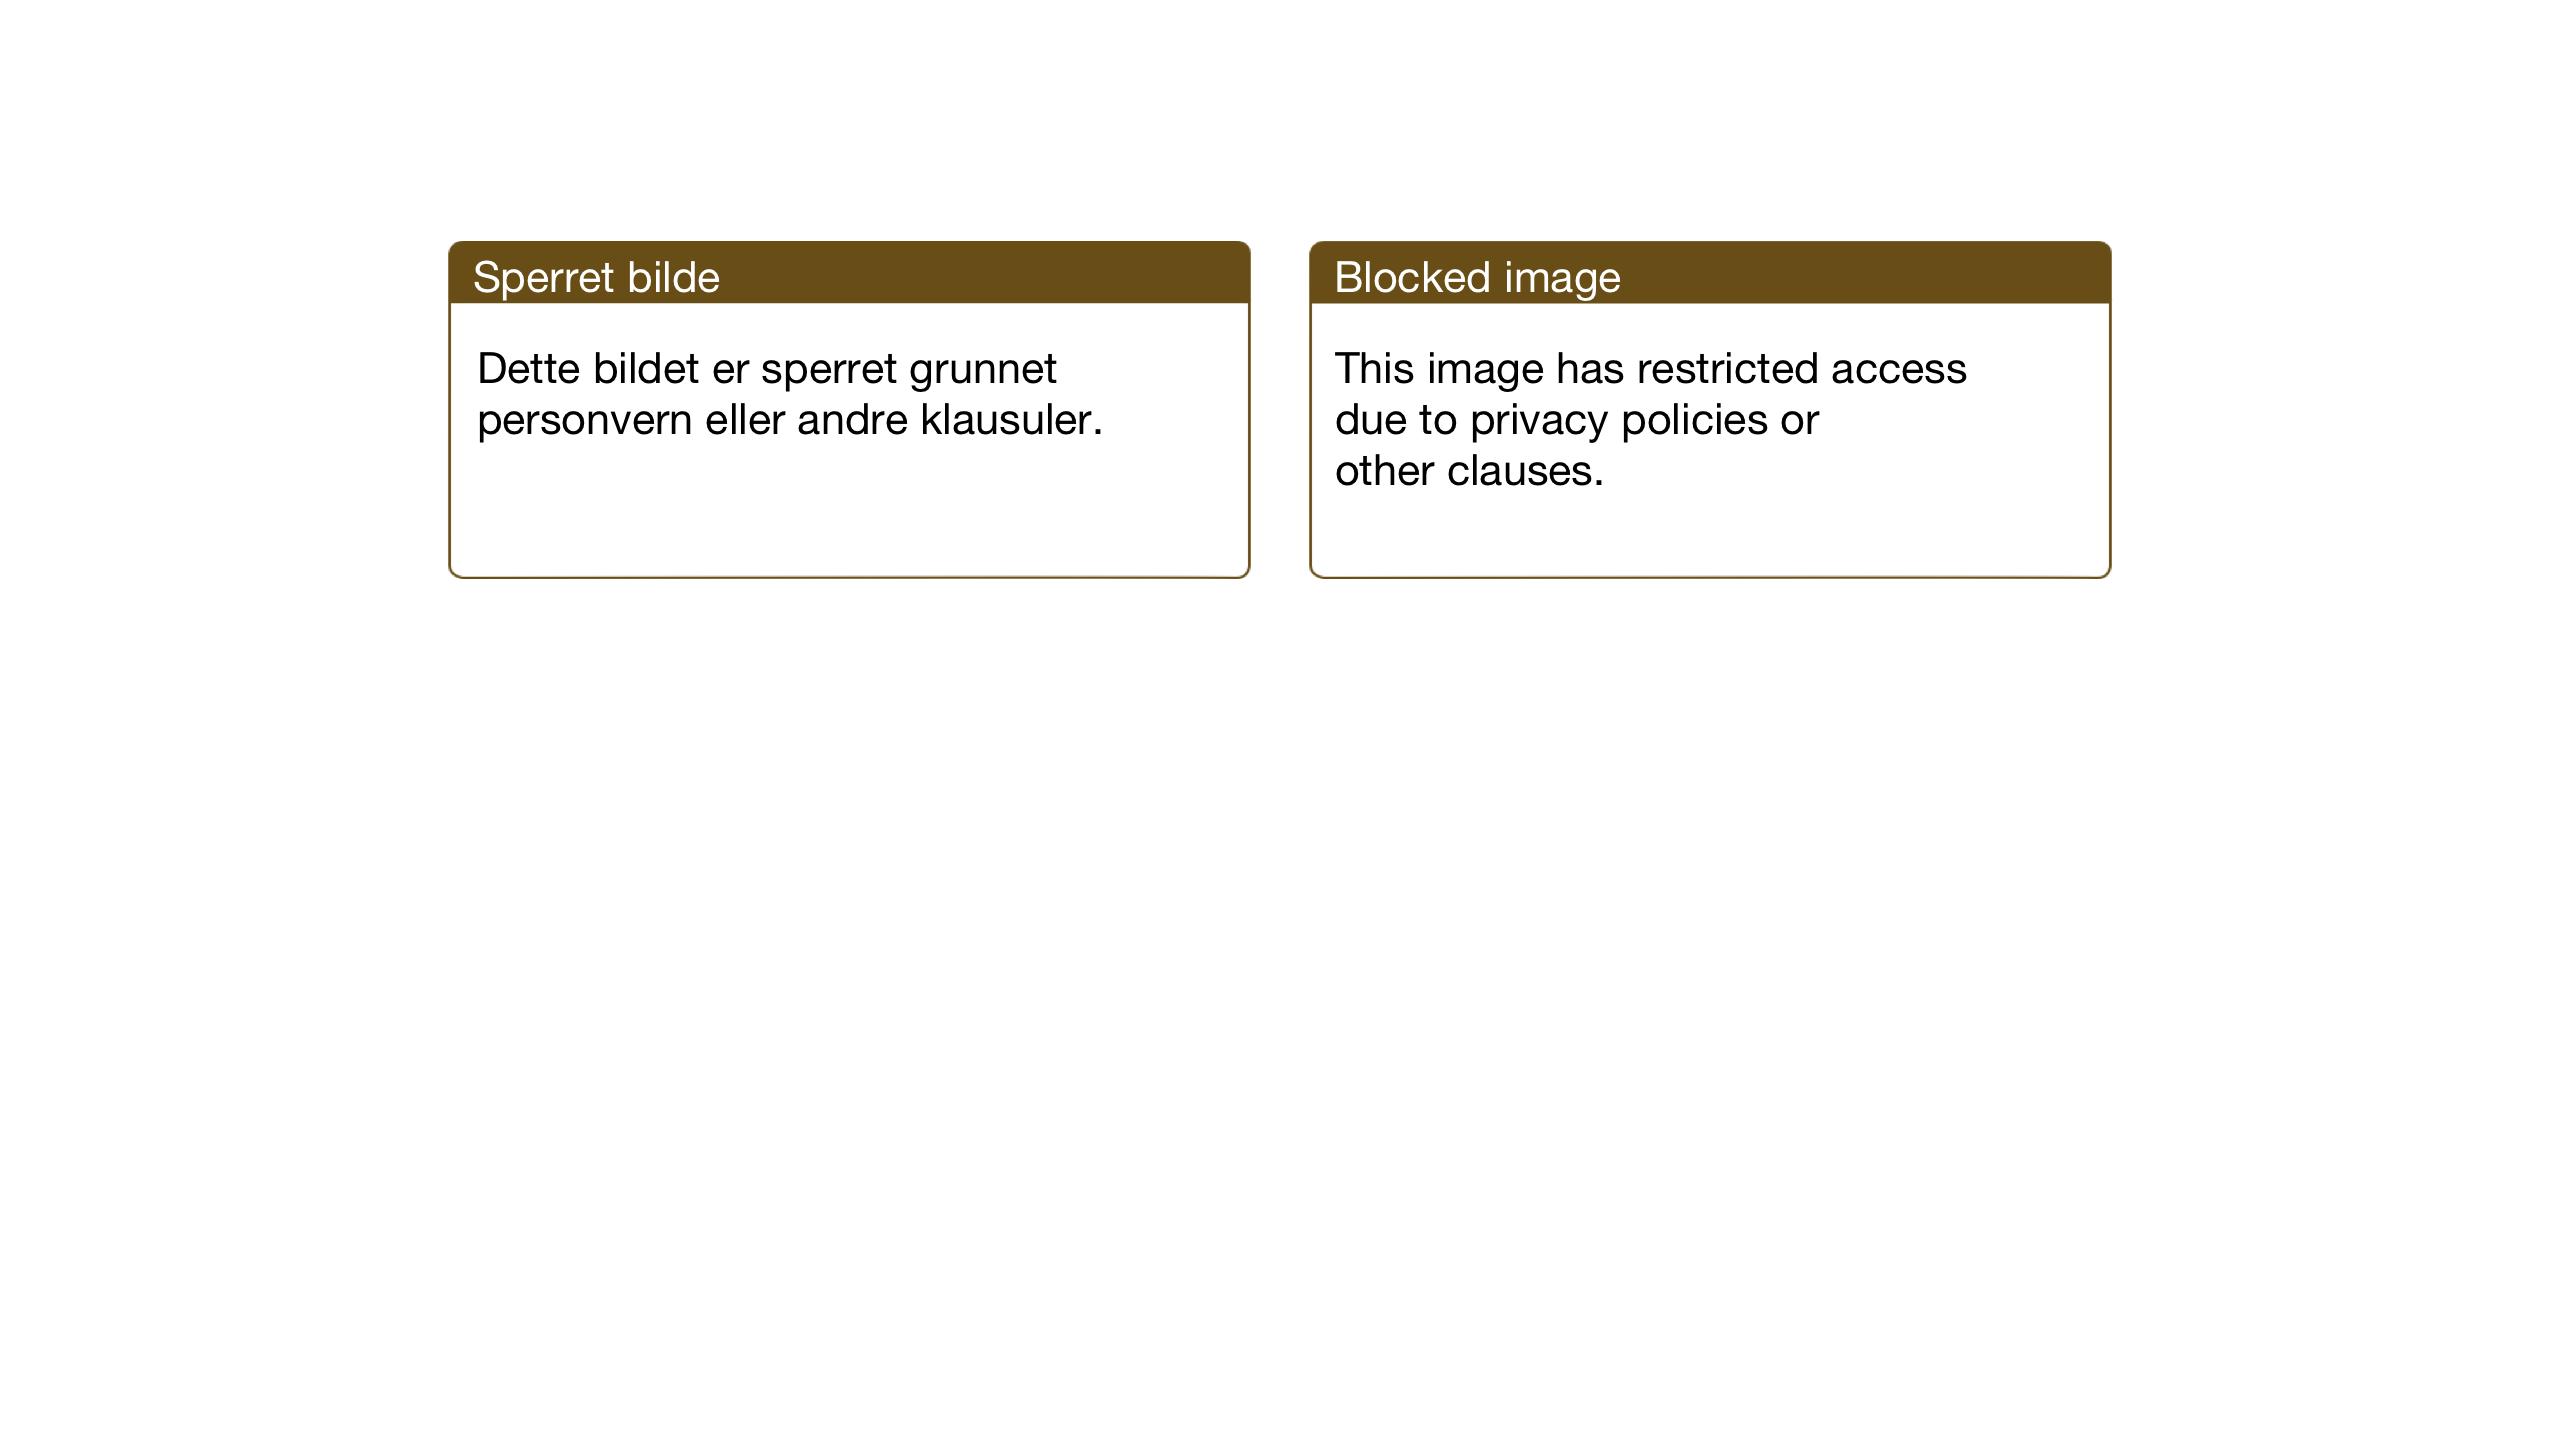 SAT, Ministerialprotokoller, klokkerbøker og fødselsregistre - Sør-Trøndelag, 669/L0832: Klokkerbok nr. 669C02, 1925-1953, s. 47